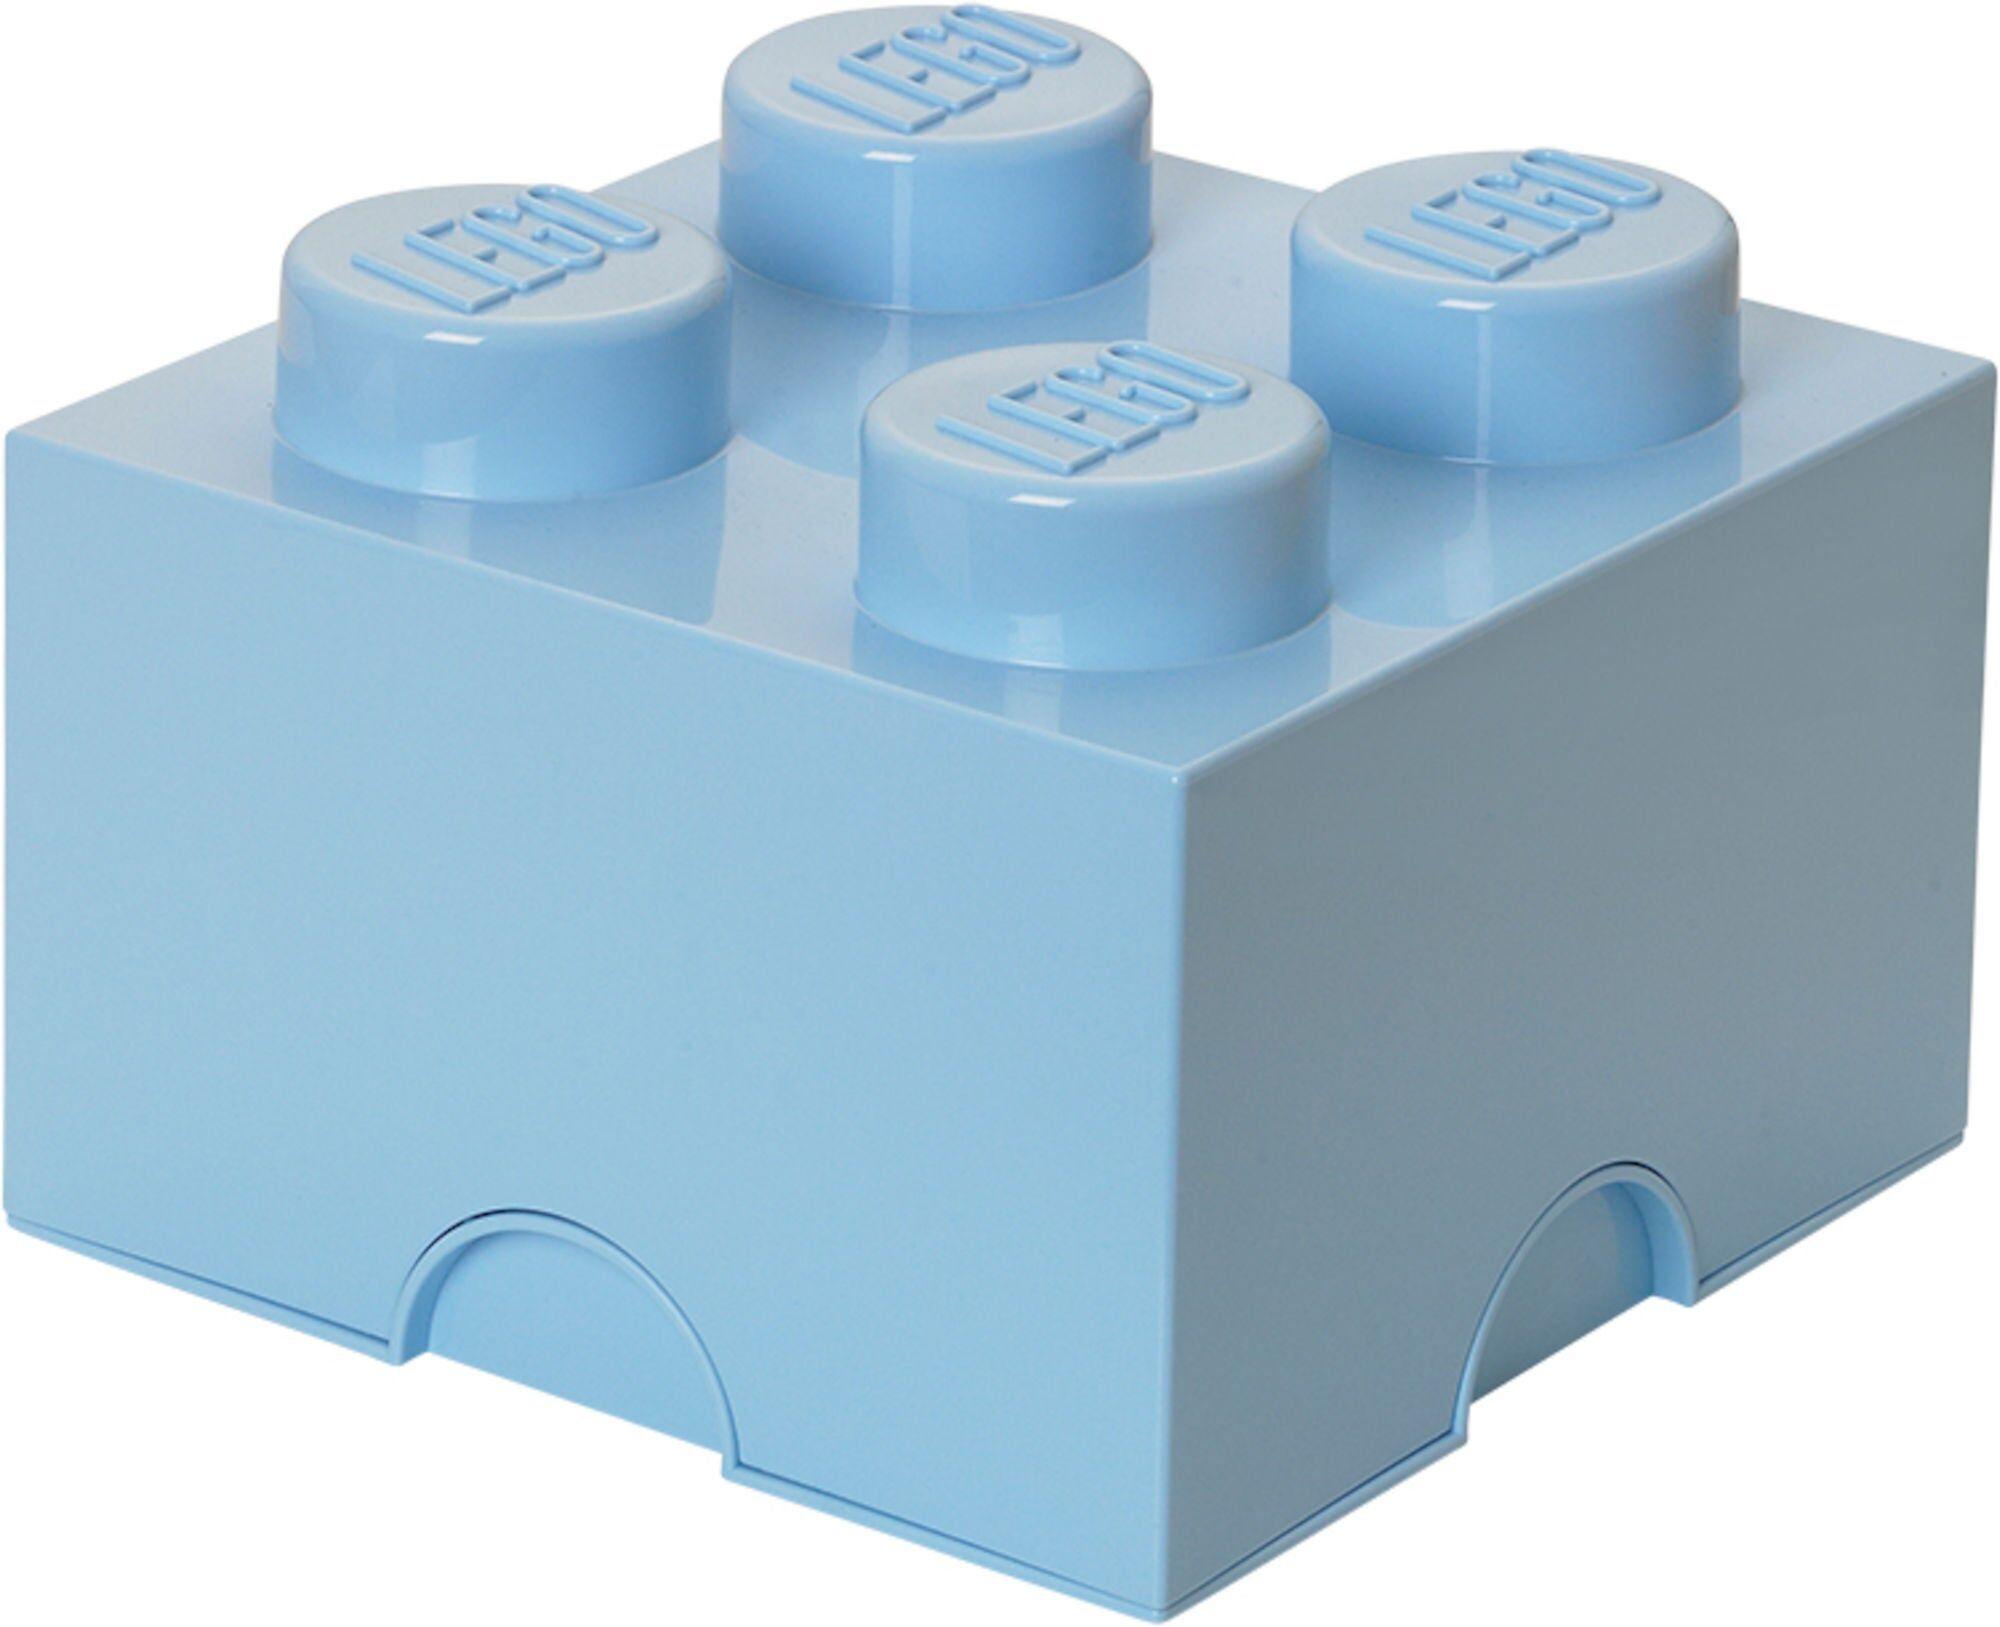 Lego Oppbevaring 4, Lyseblå